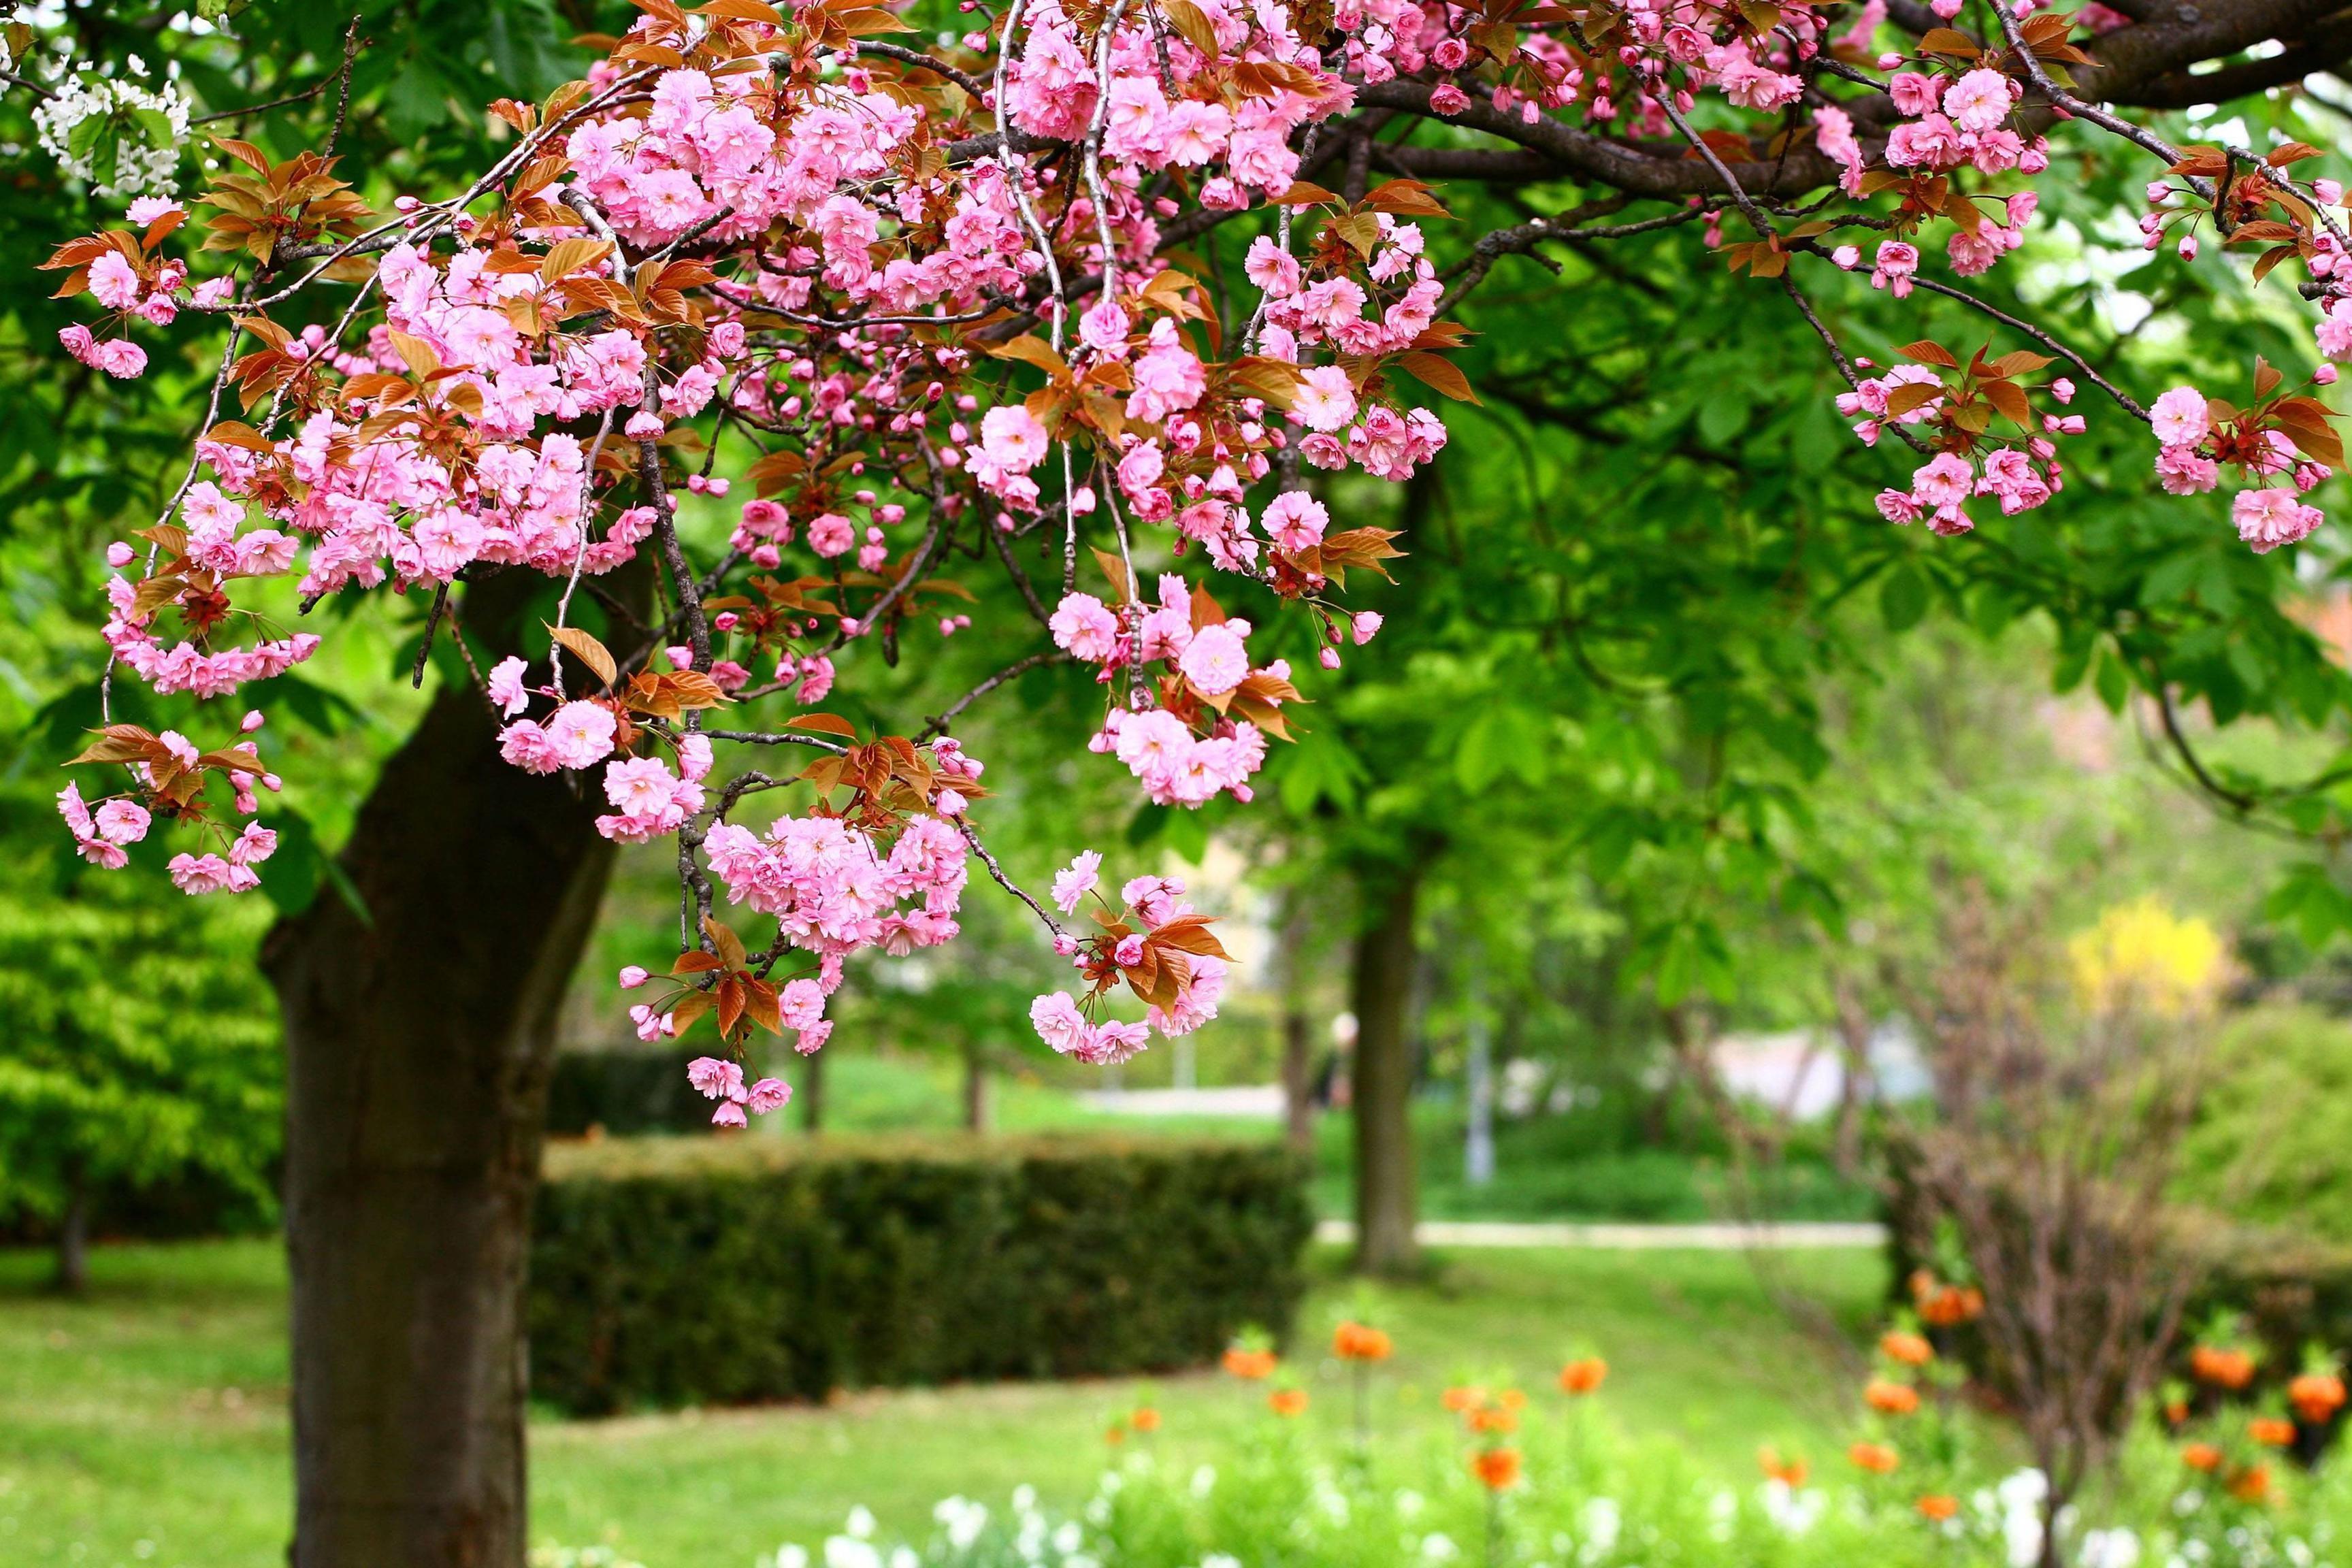 Flower garden wallpaper background - Backgrounds For Mobile Flower Garden 3456x2304 0 957 Mb